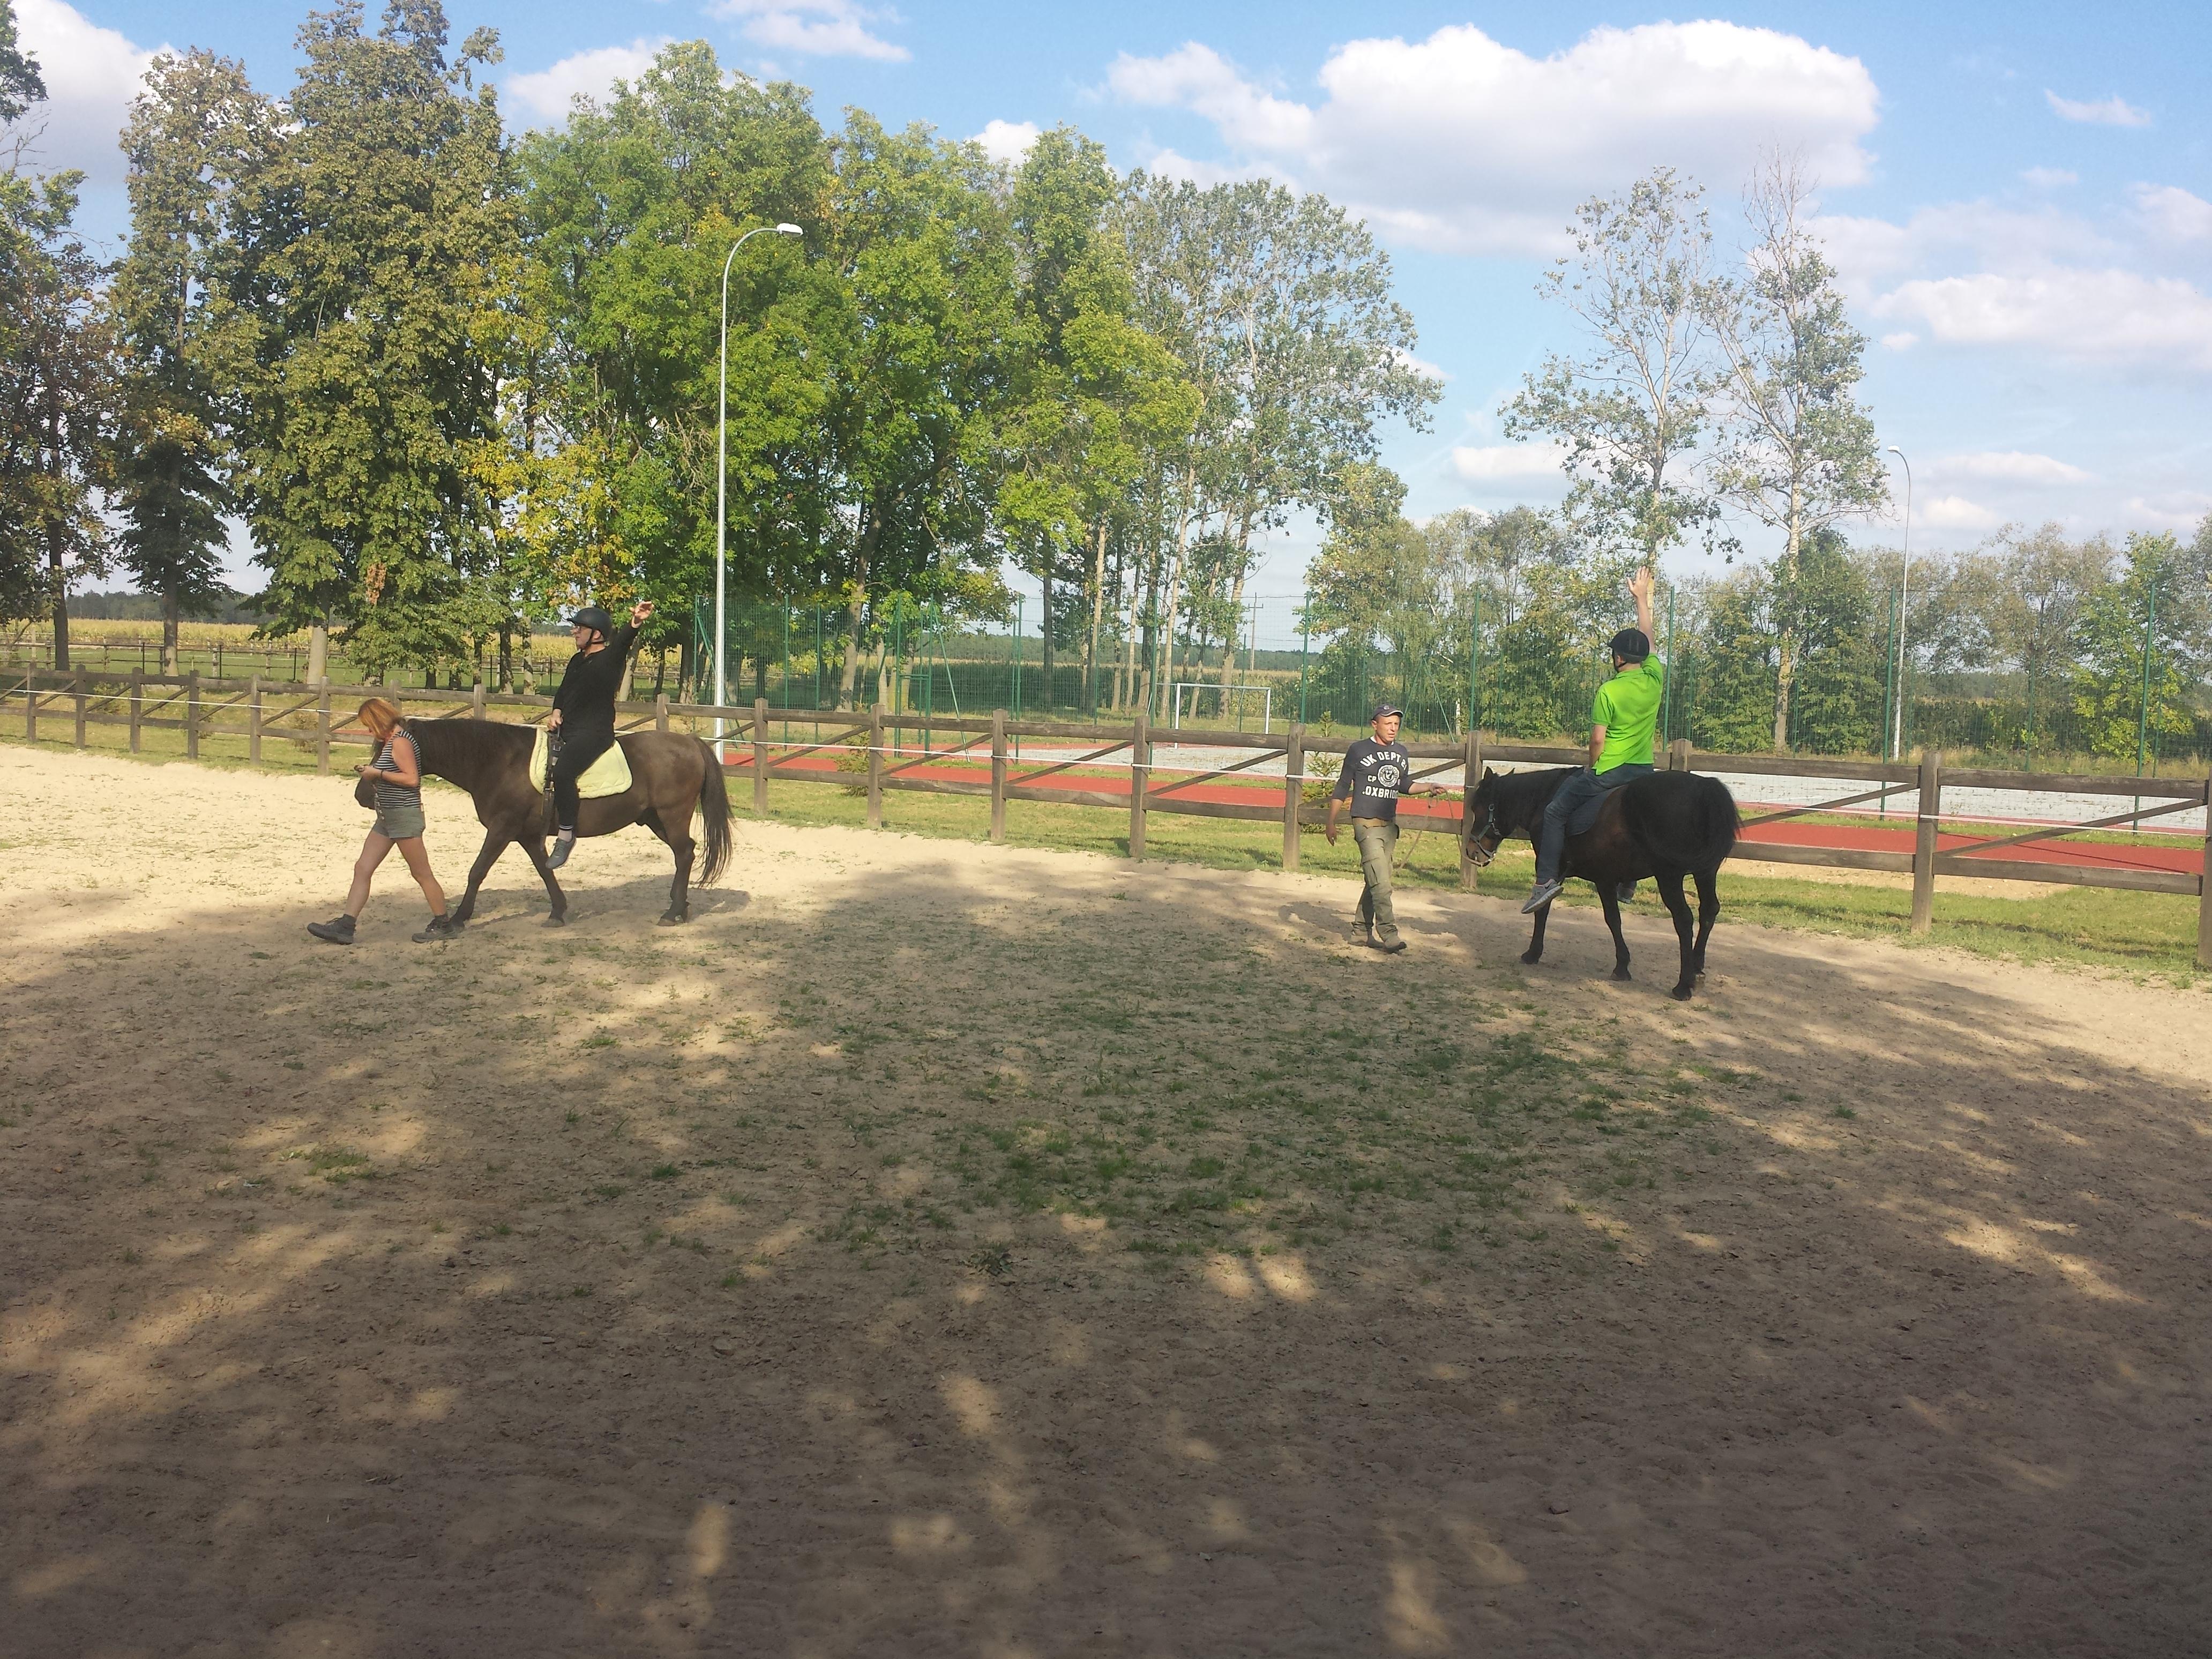 Dwoje uczestników konno. Każdy z nich siedzi na karych koniach prowadzonych na lejcach przez opiekunów. Wokół padoku rosną liściaste drzewa, pełne zieleni.